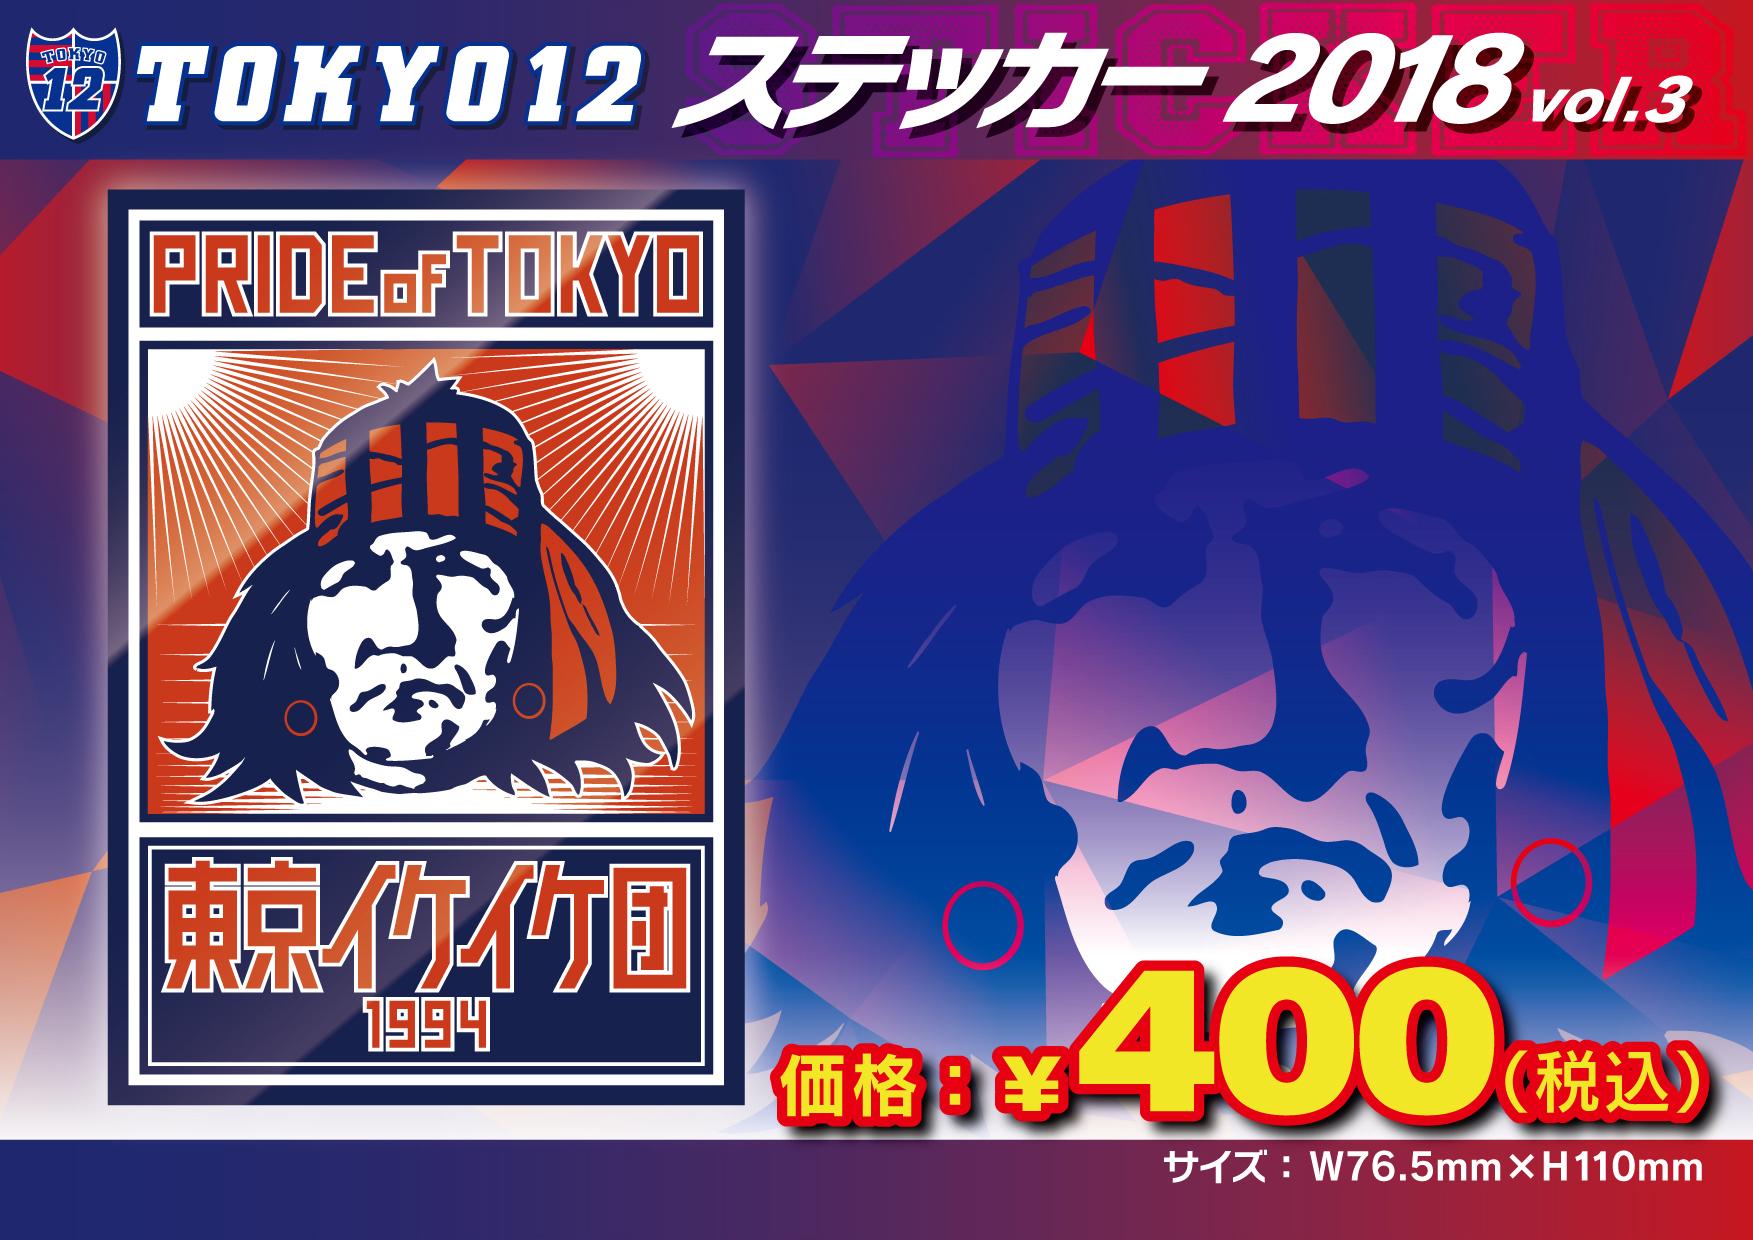 【メール便発送可】TOKYO12ステッカー2018 (vol.3)